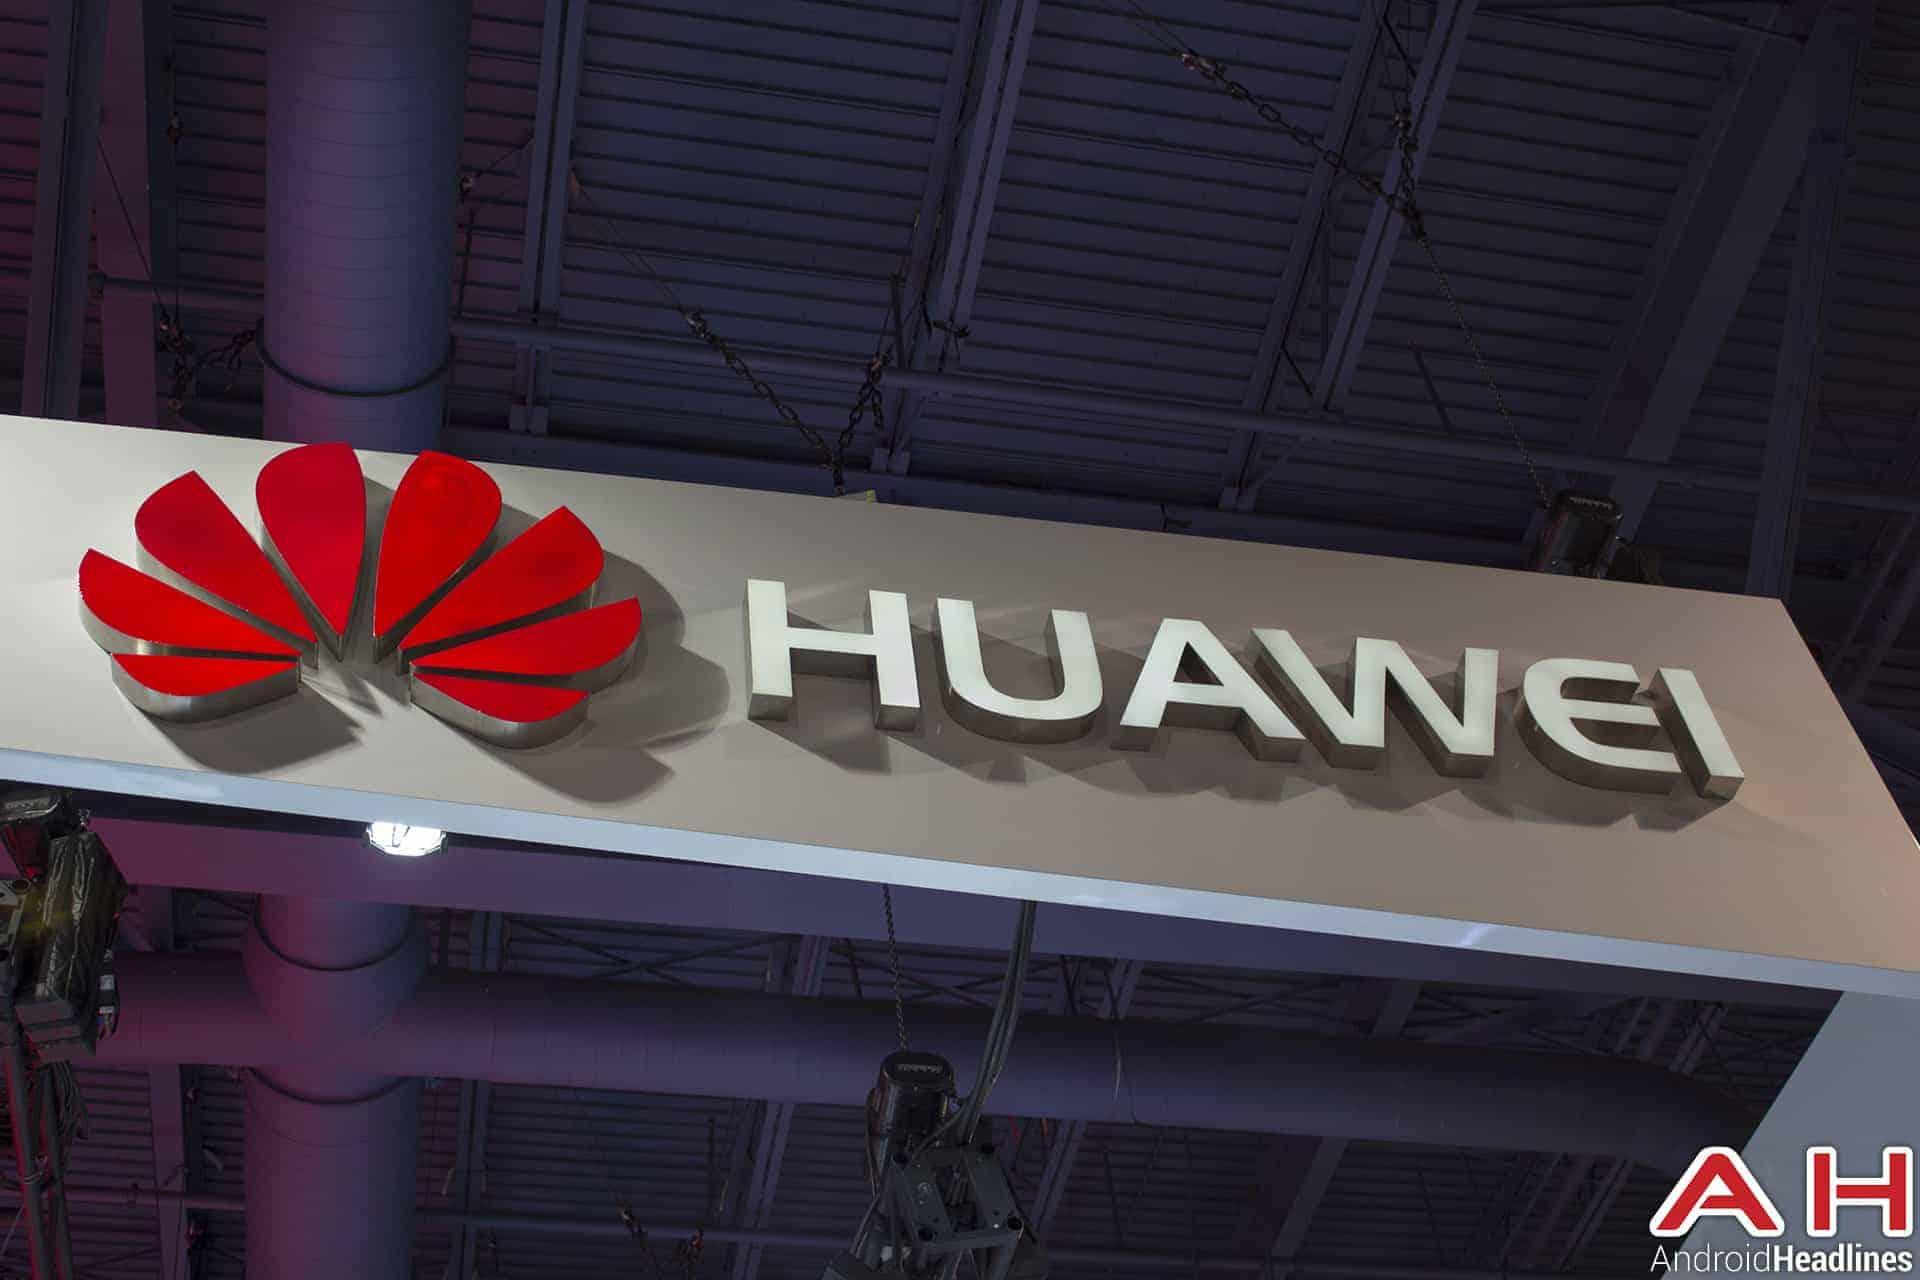 huawei-logo-4